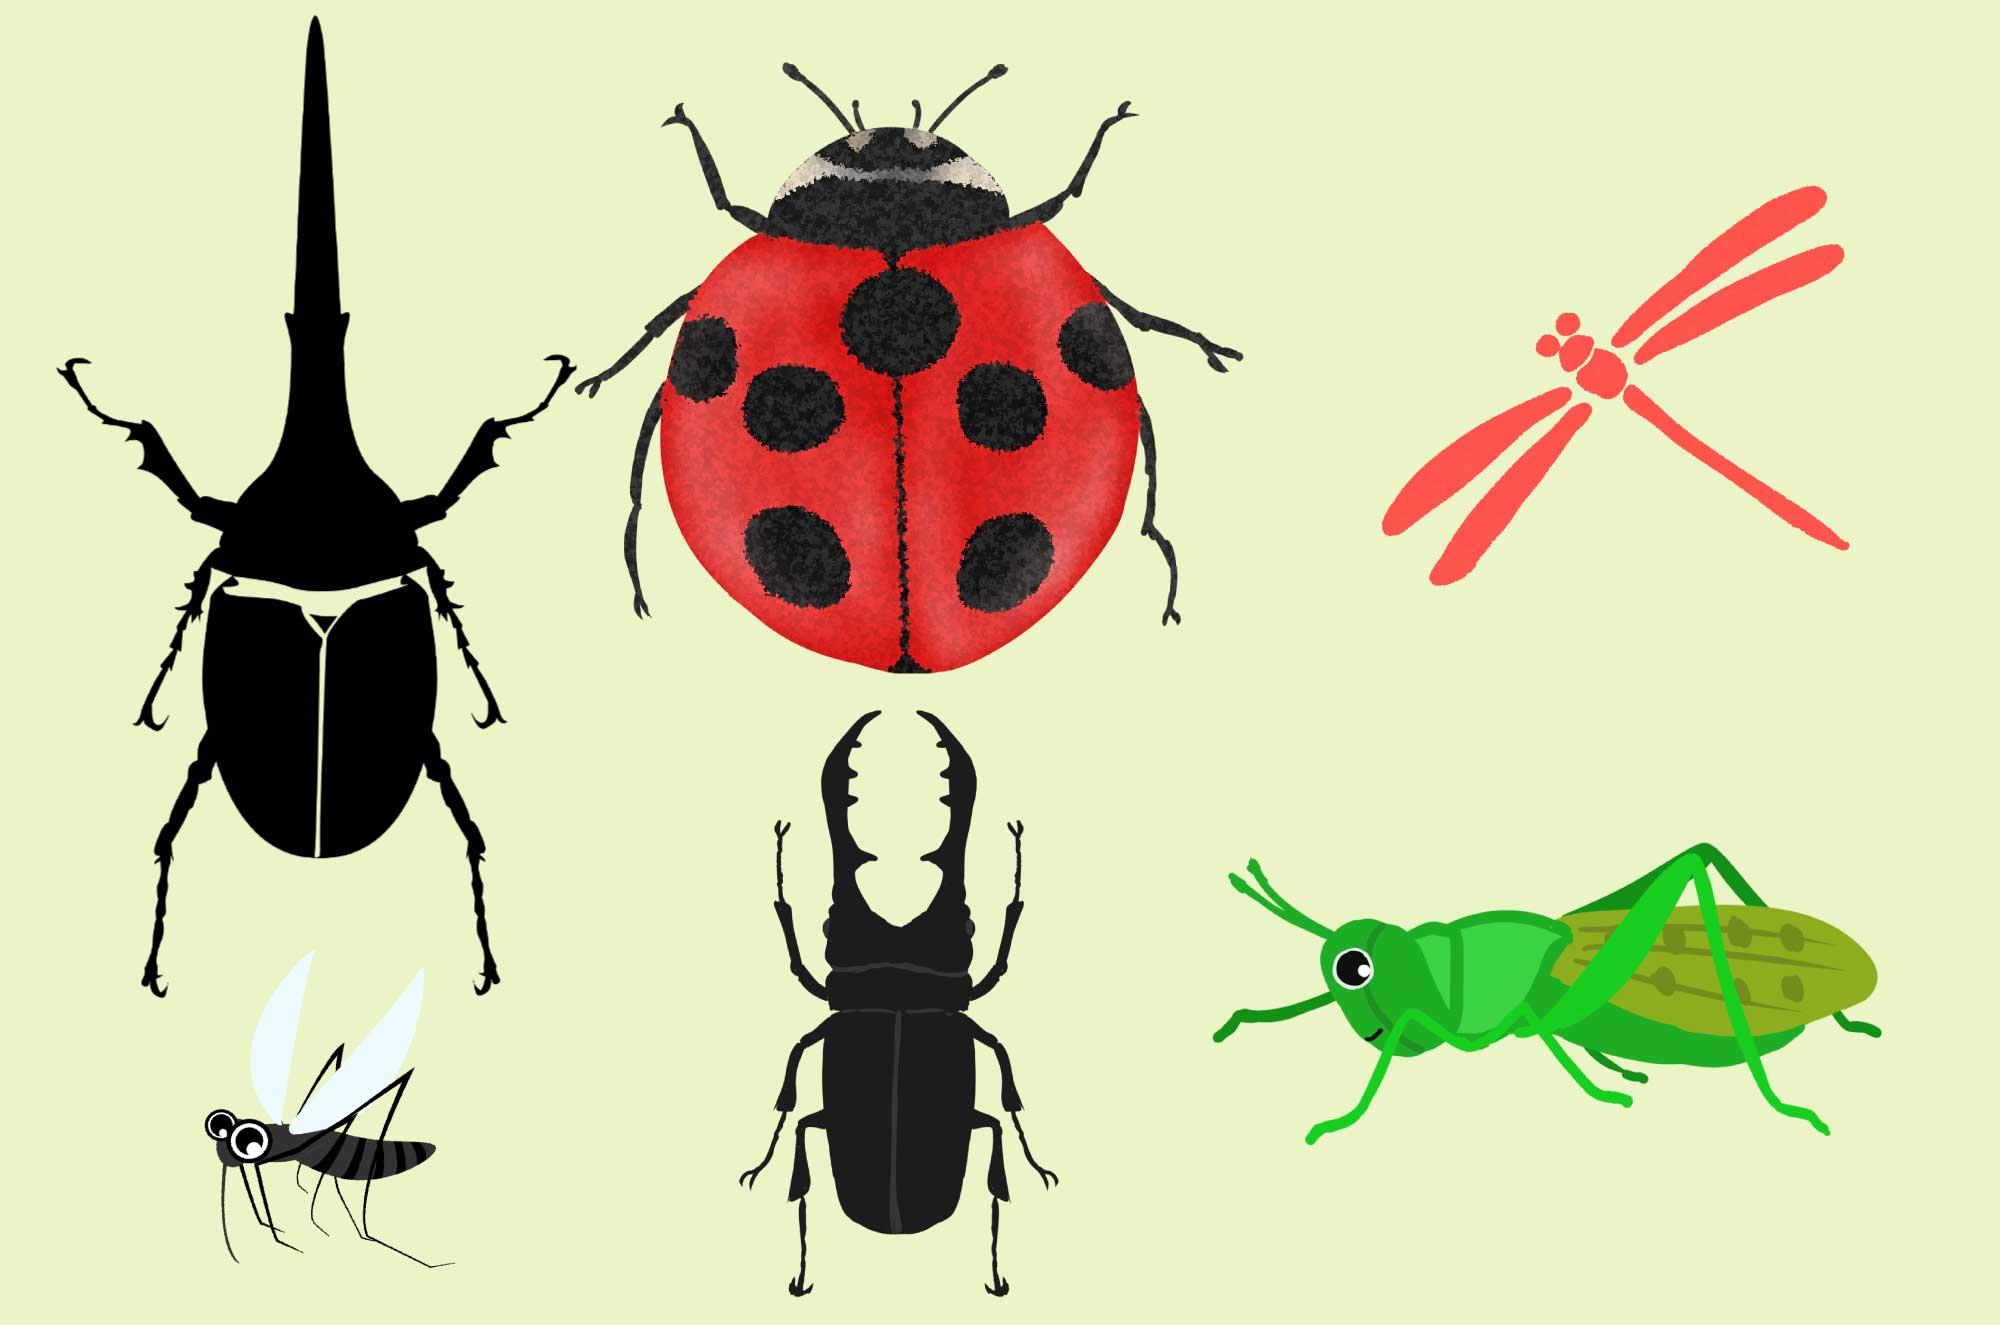 昆虫の無料イラスト - シンプルで可愛いフリー素材 - チコデザ